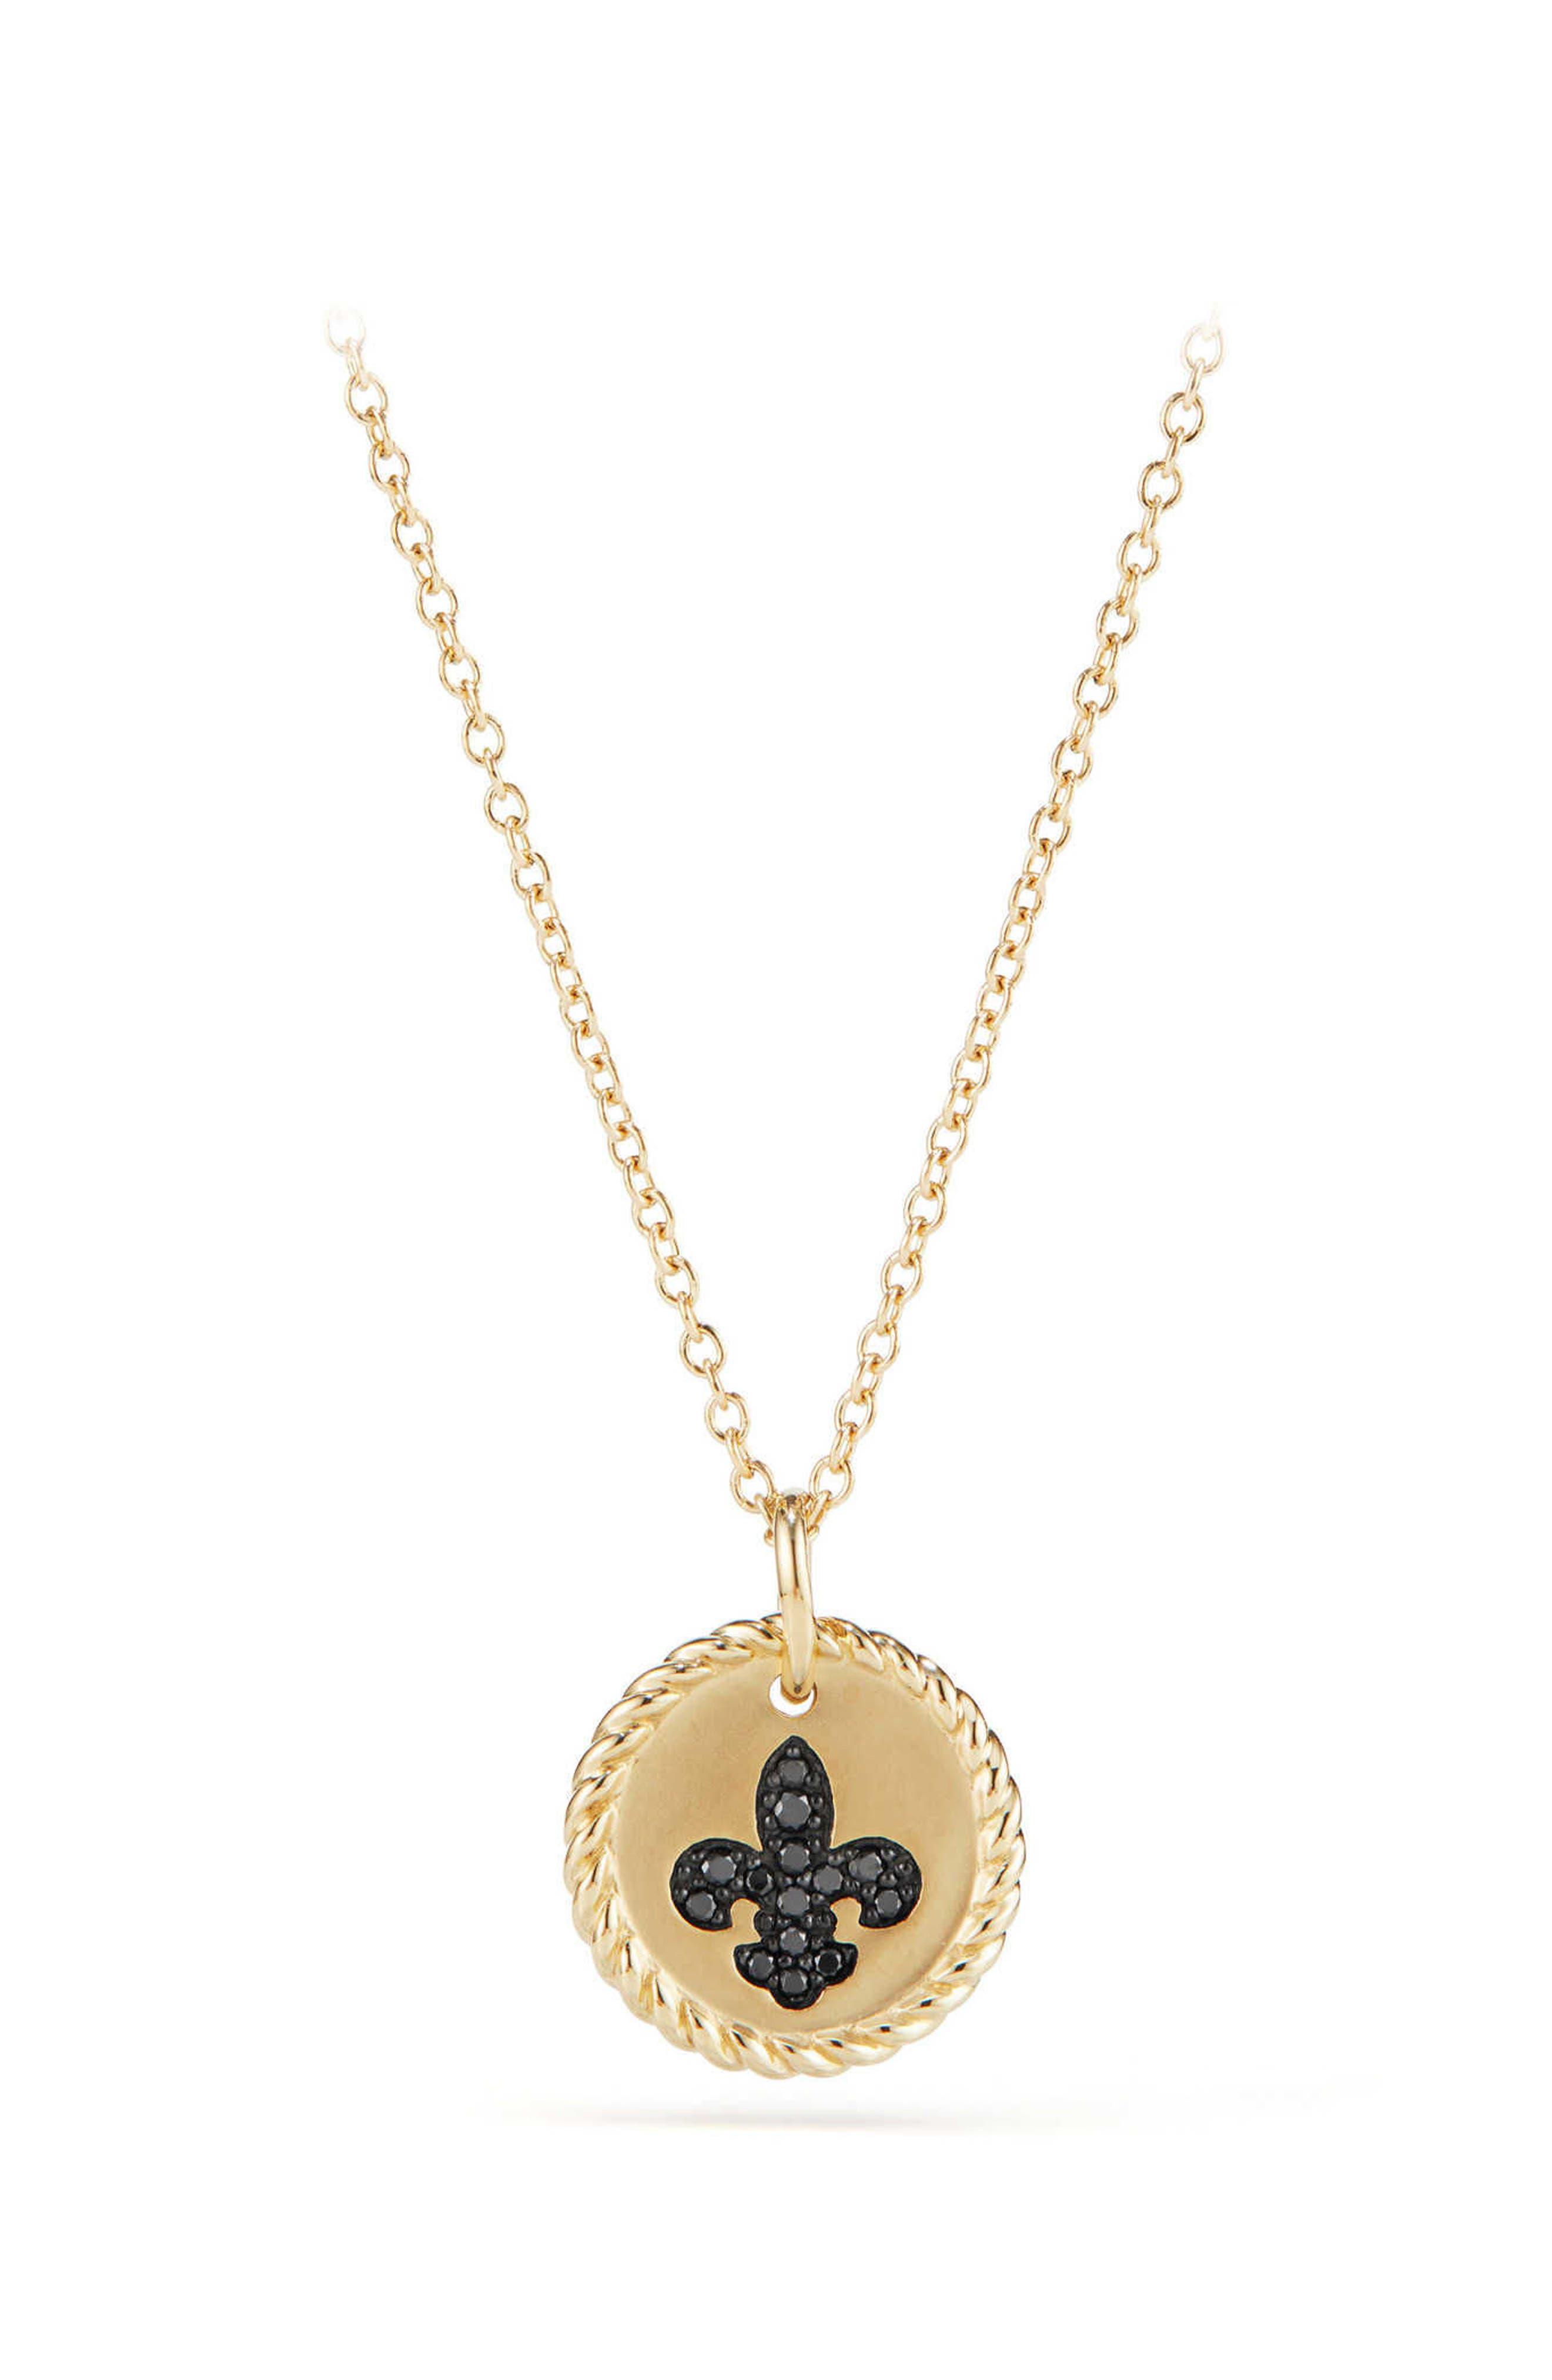 Cable Collectibles Fleur de Lis Necklace with Black Diamonds in 18K Gold, Main, color, 001